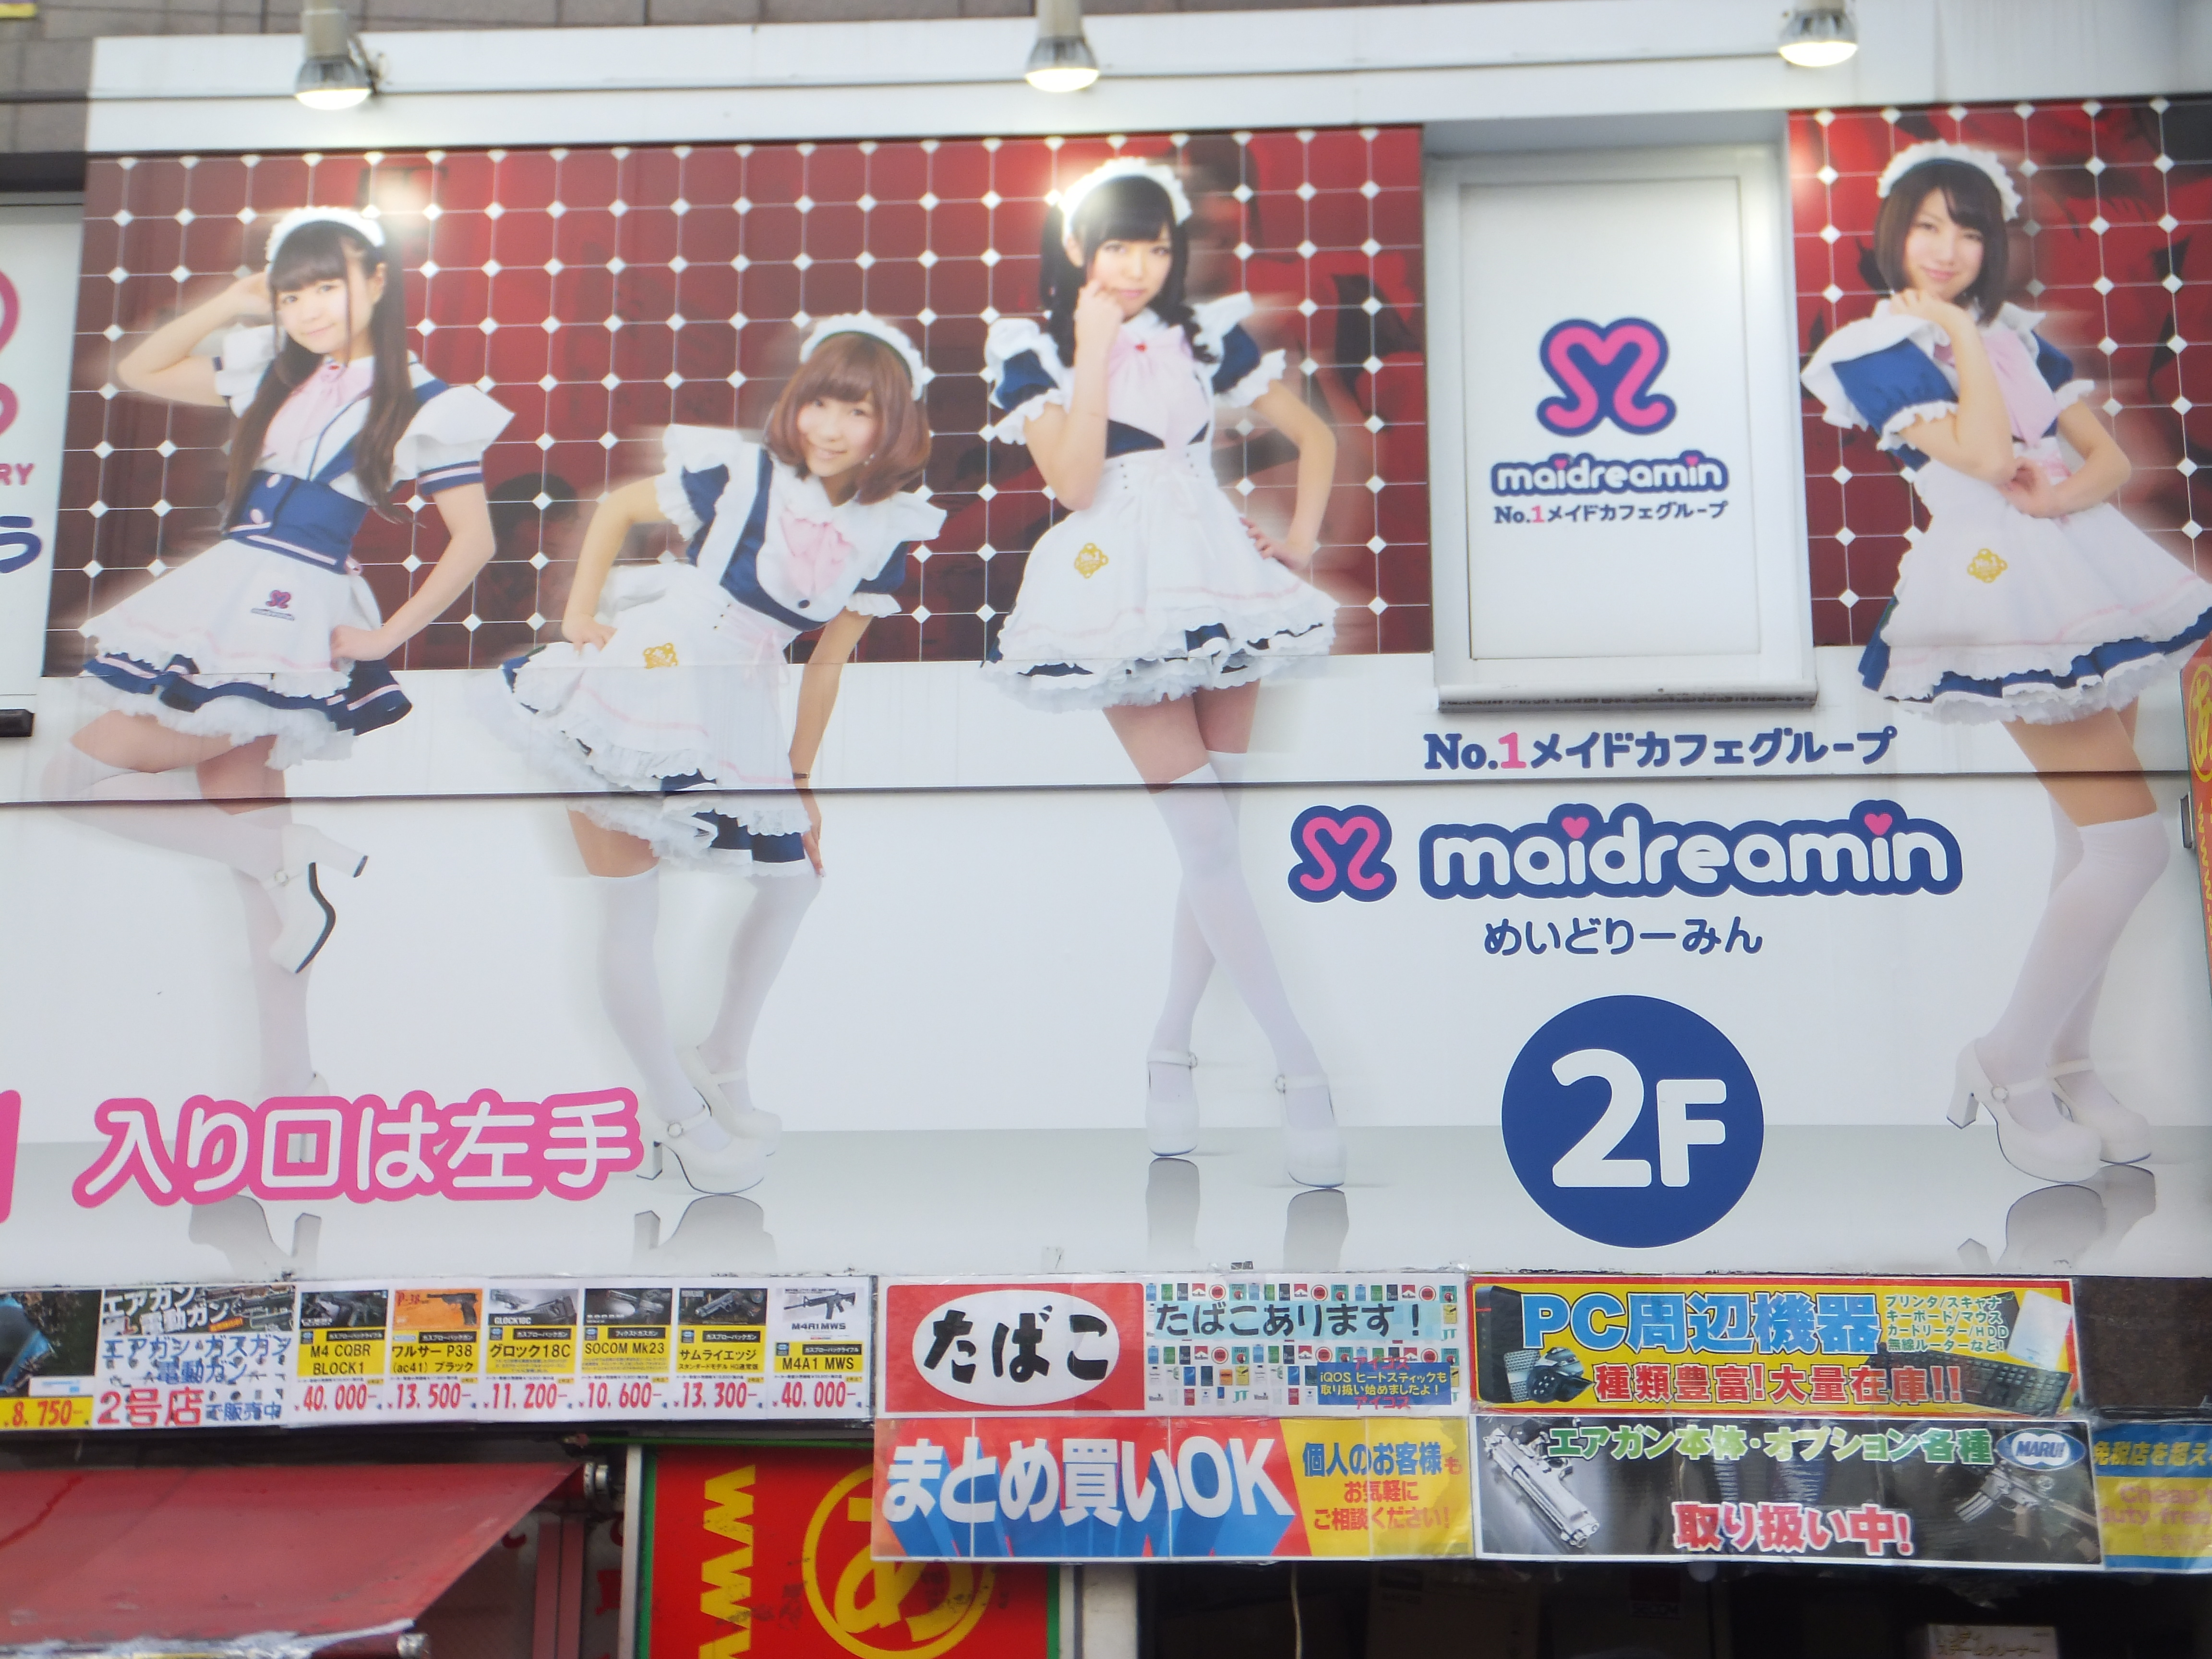 おすすめツアー写真11